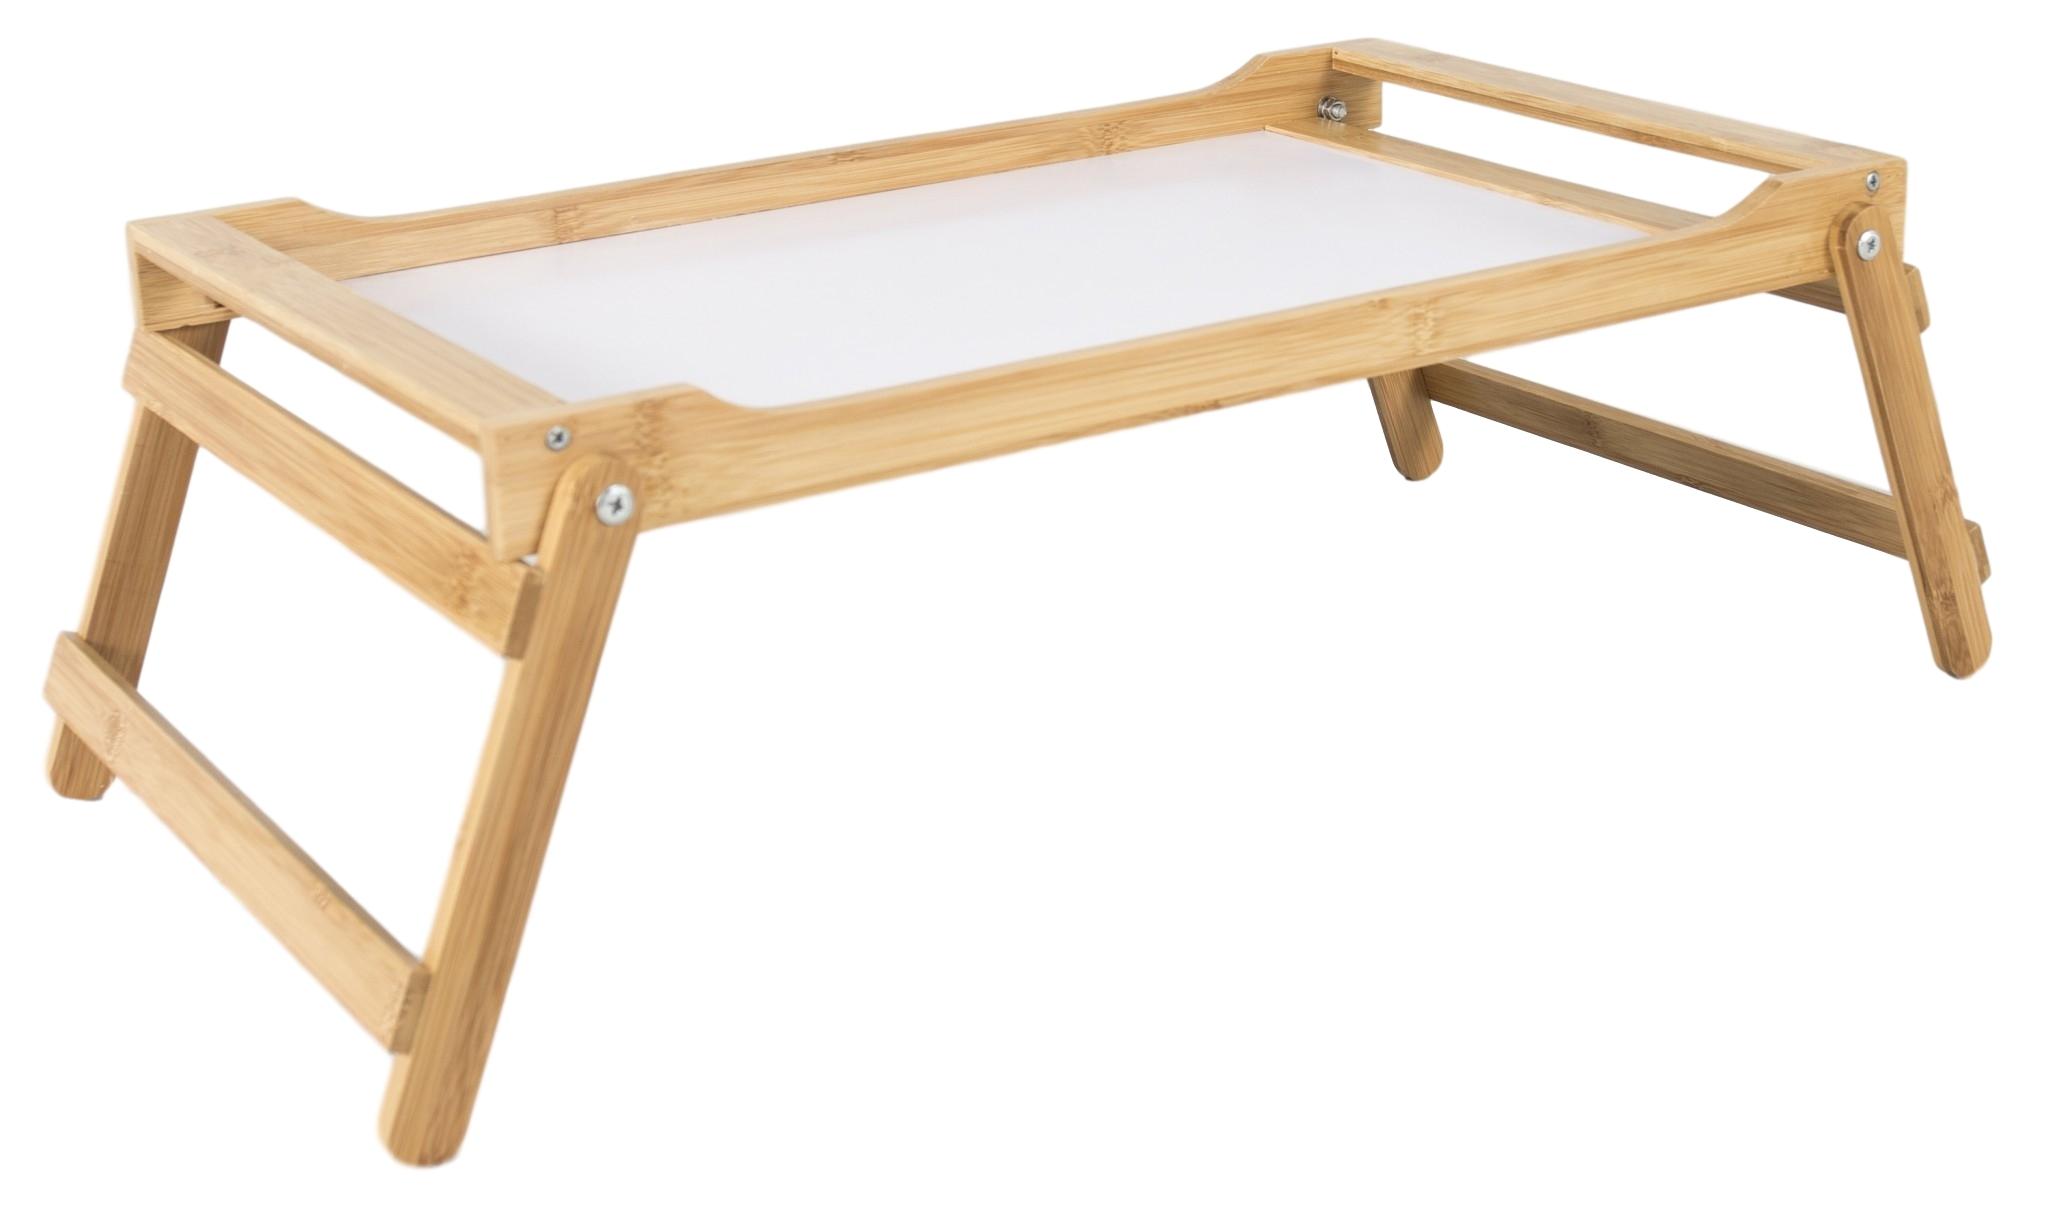 Full Size of Bambus Bett Tablett Elbmbel Selber Zusammenstellen Ebay Betten Inkontinenzeinlagen 160x200 Balken 200x200 Weiße Breite 100x200 Weißes Bette Duschwanne Bett Bambus Bett